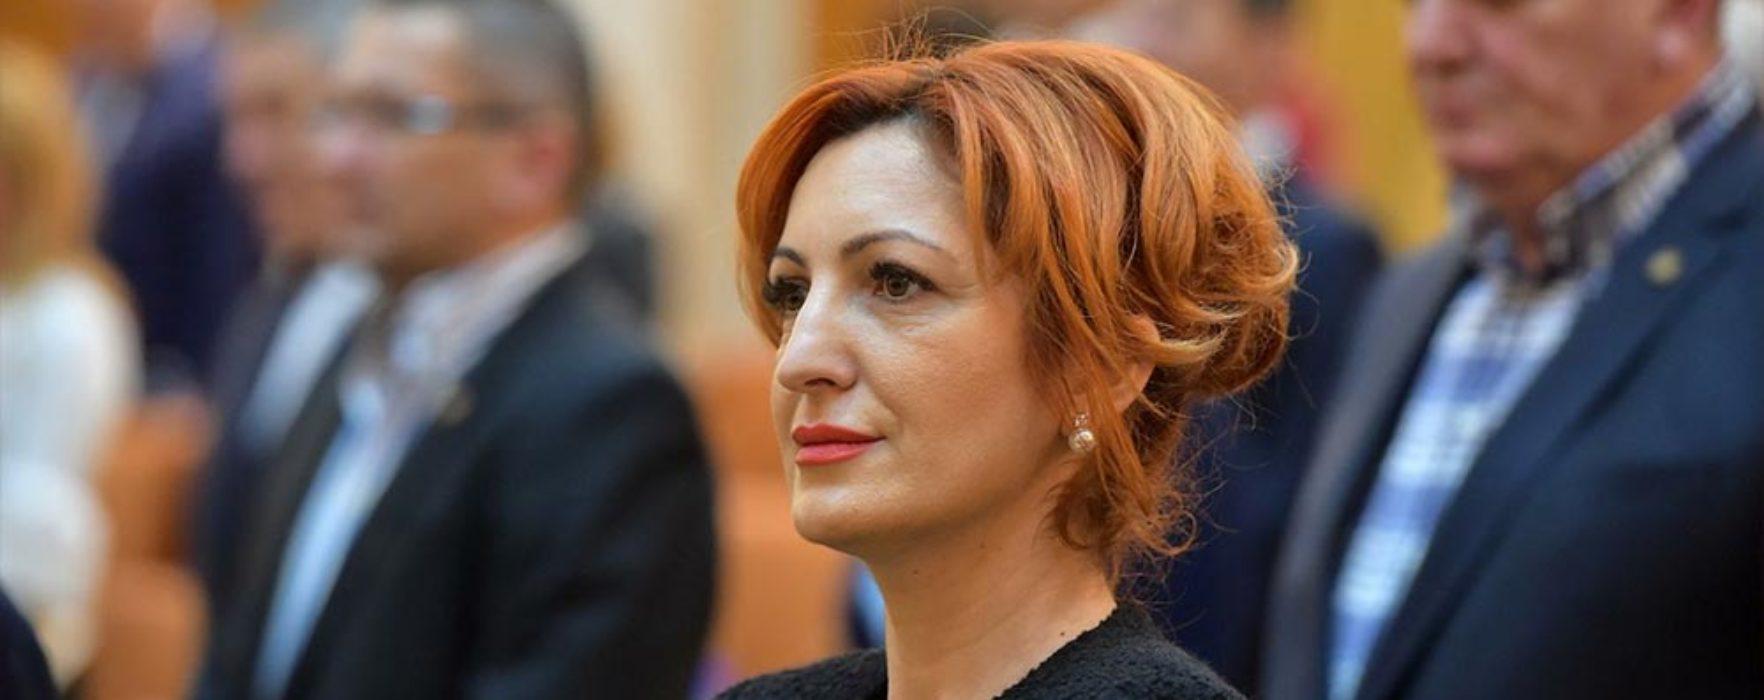 Oana Vlăducă, deputat PSD: Cel mai grav efect mi se pare afectarea gravă a credibilităţii DNA